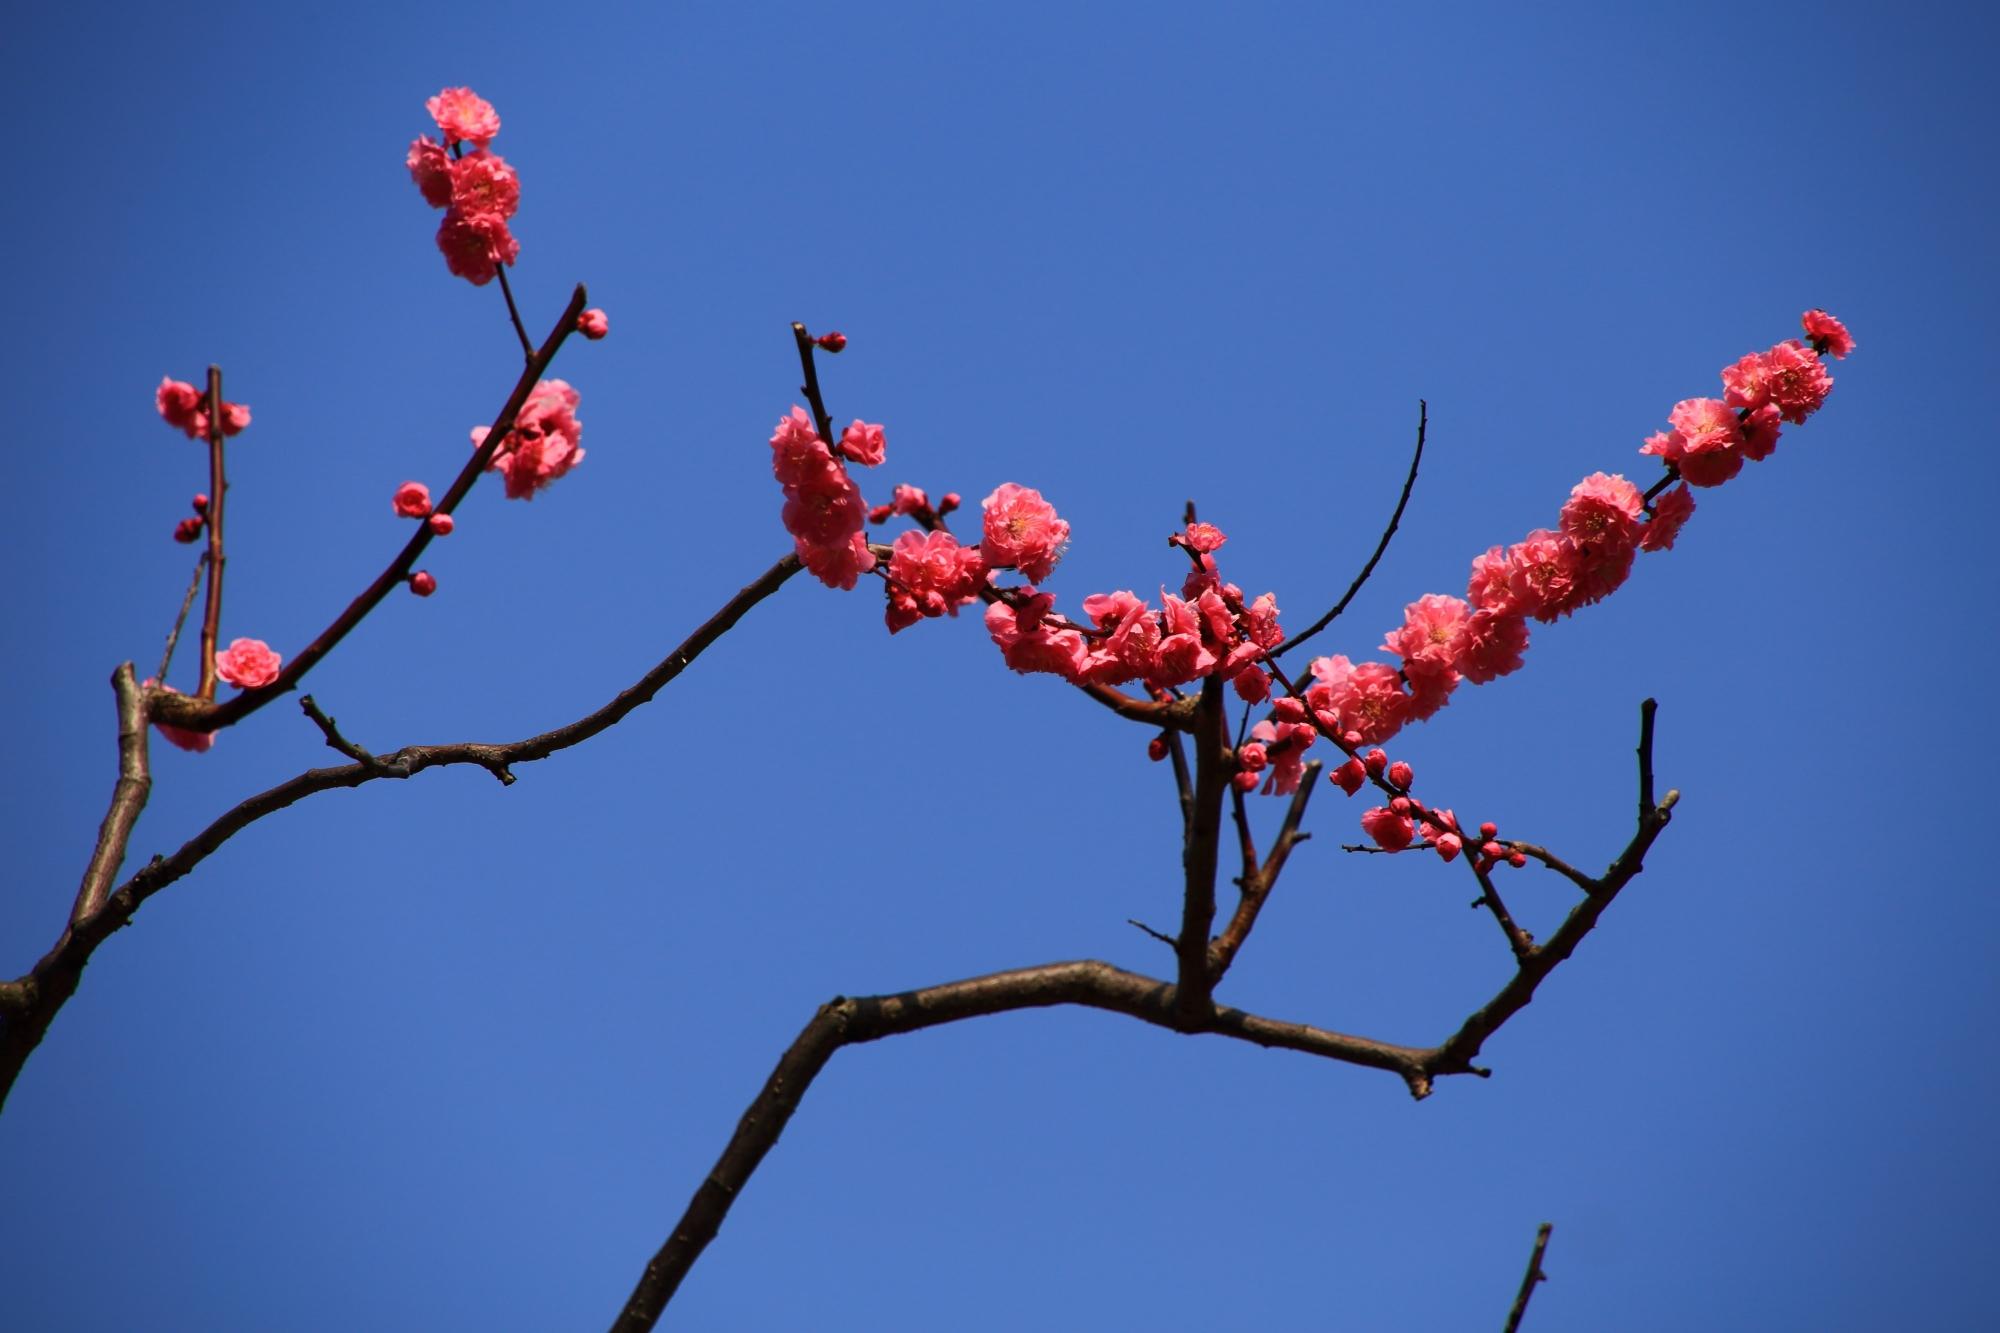 青空に広がる芸術的な梅の枝と花